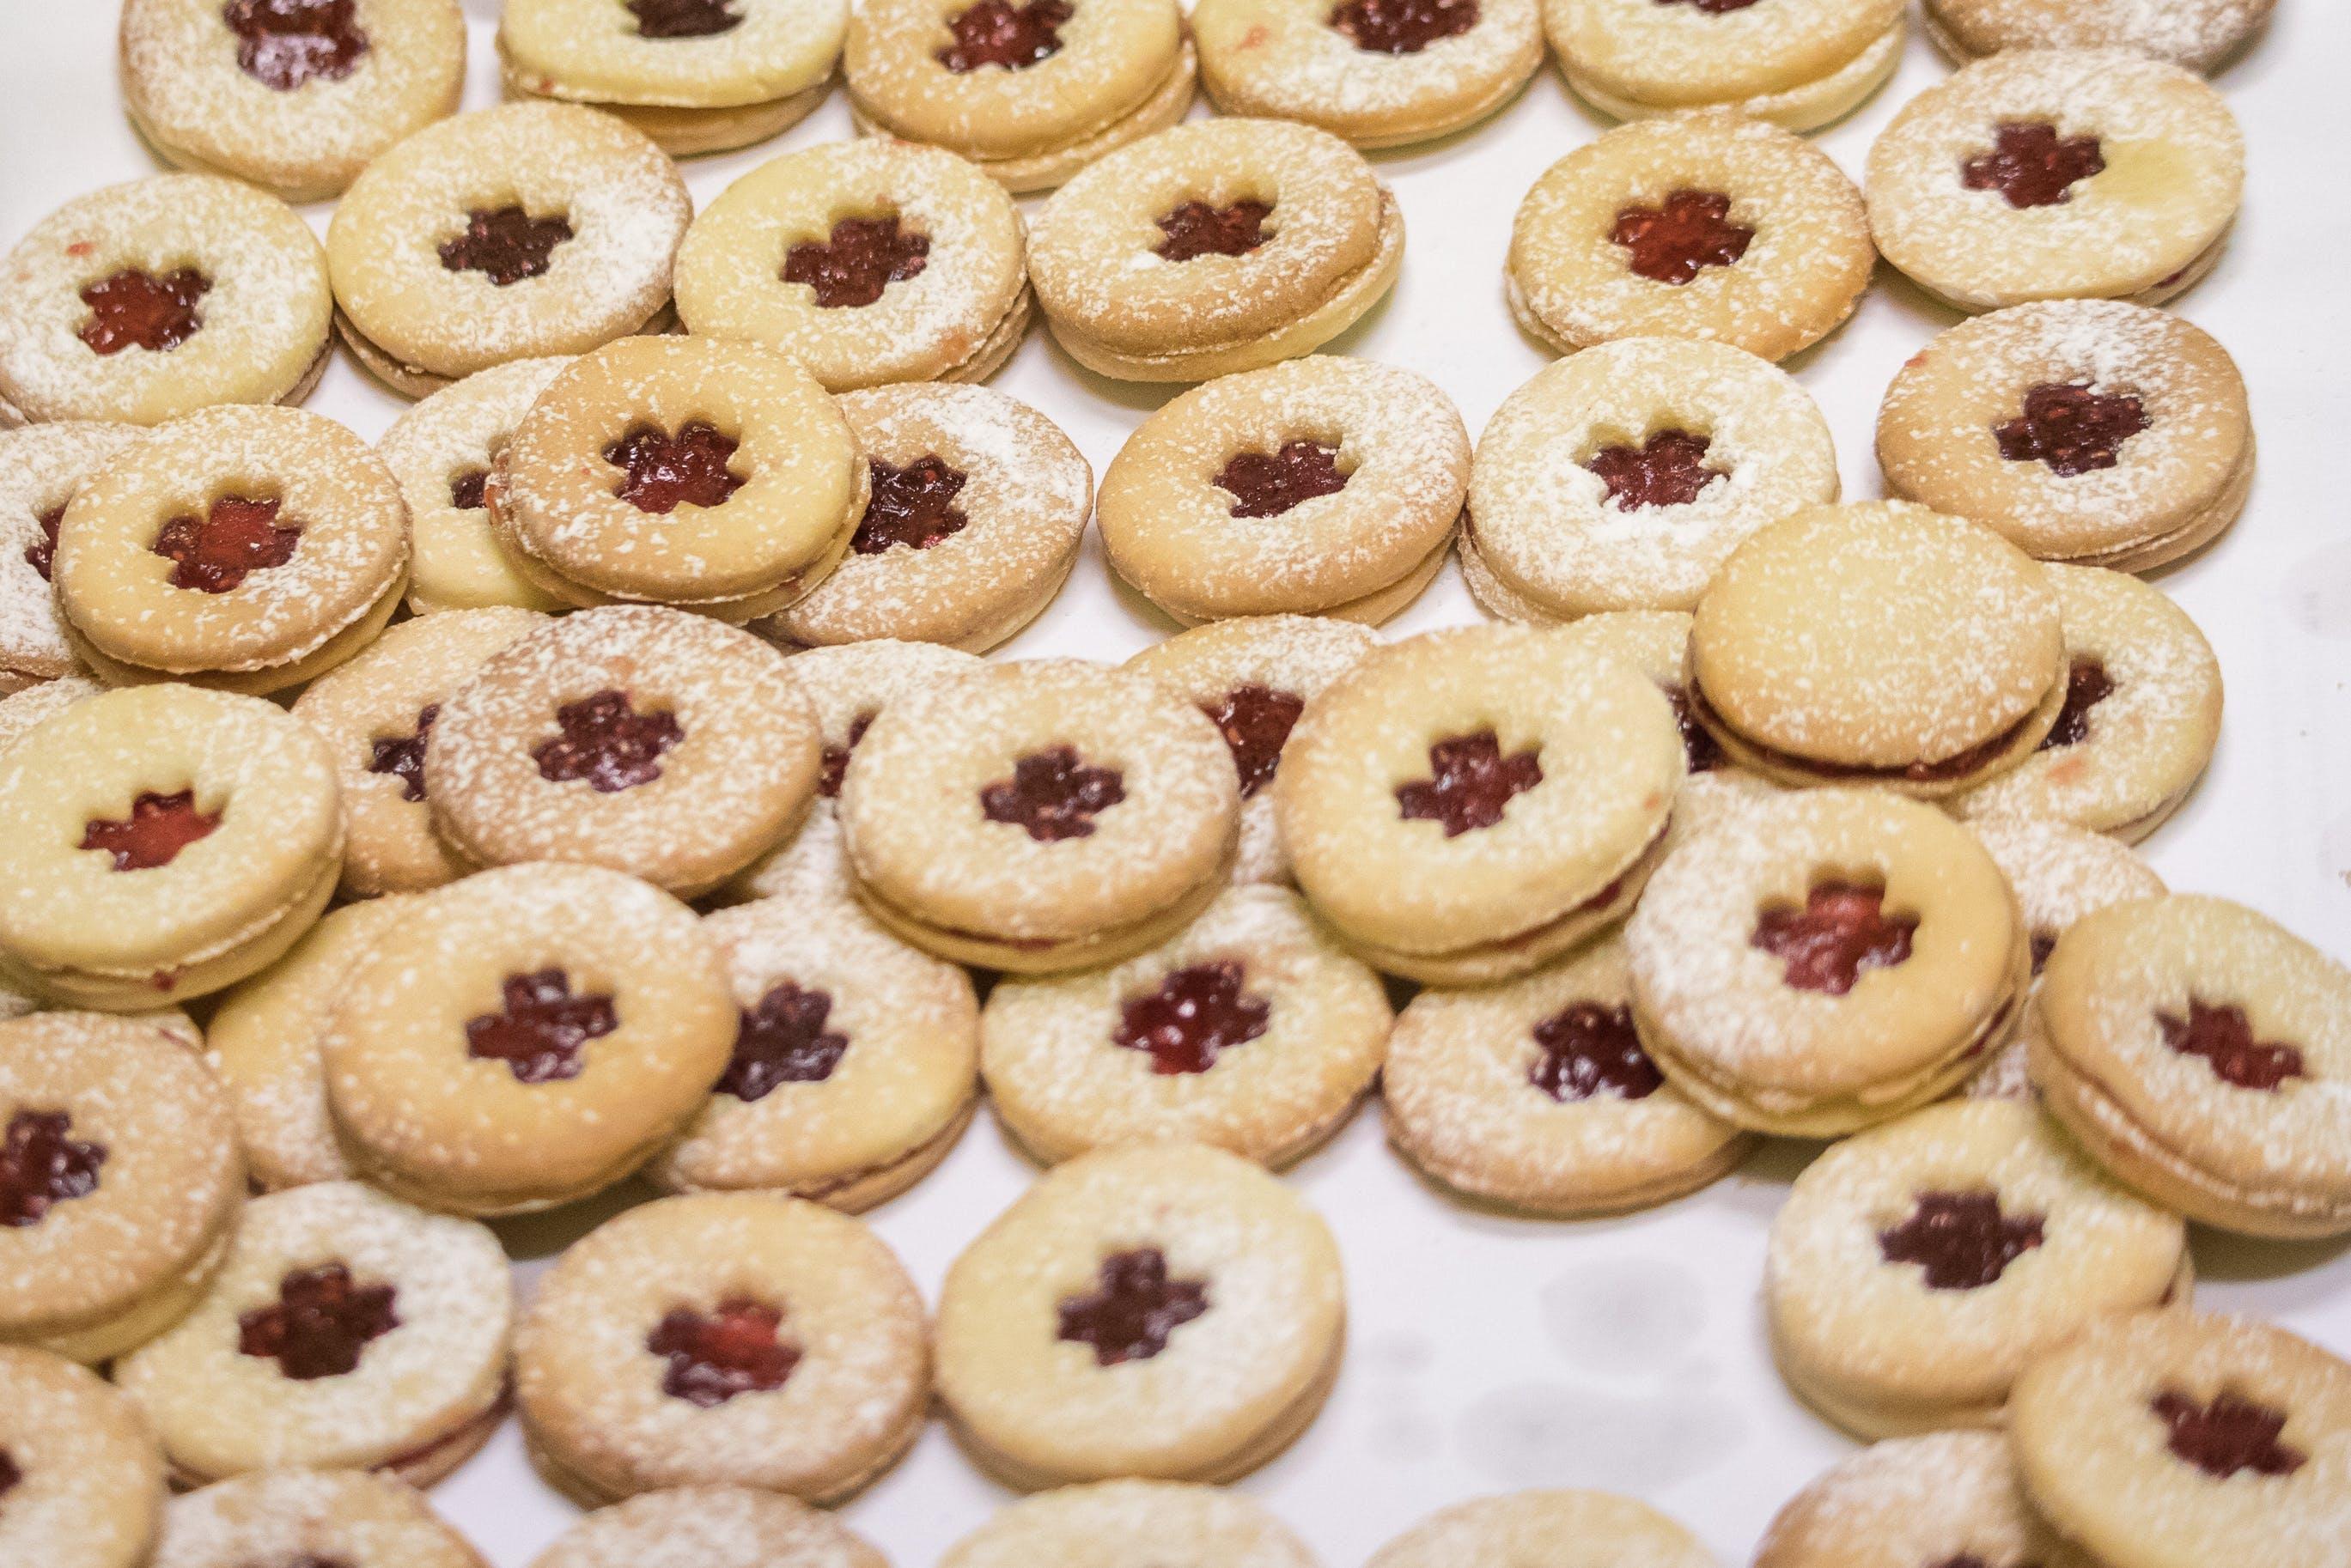 Fotos de stock gratuitas de pastelería de té, torta de pascua